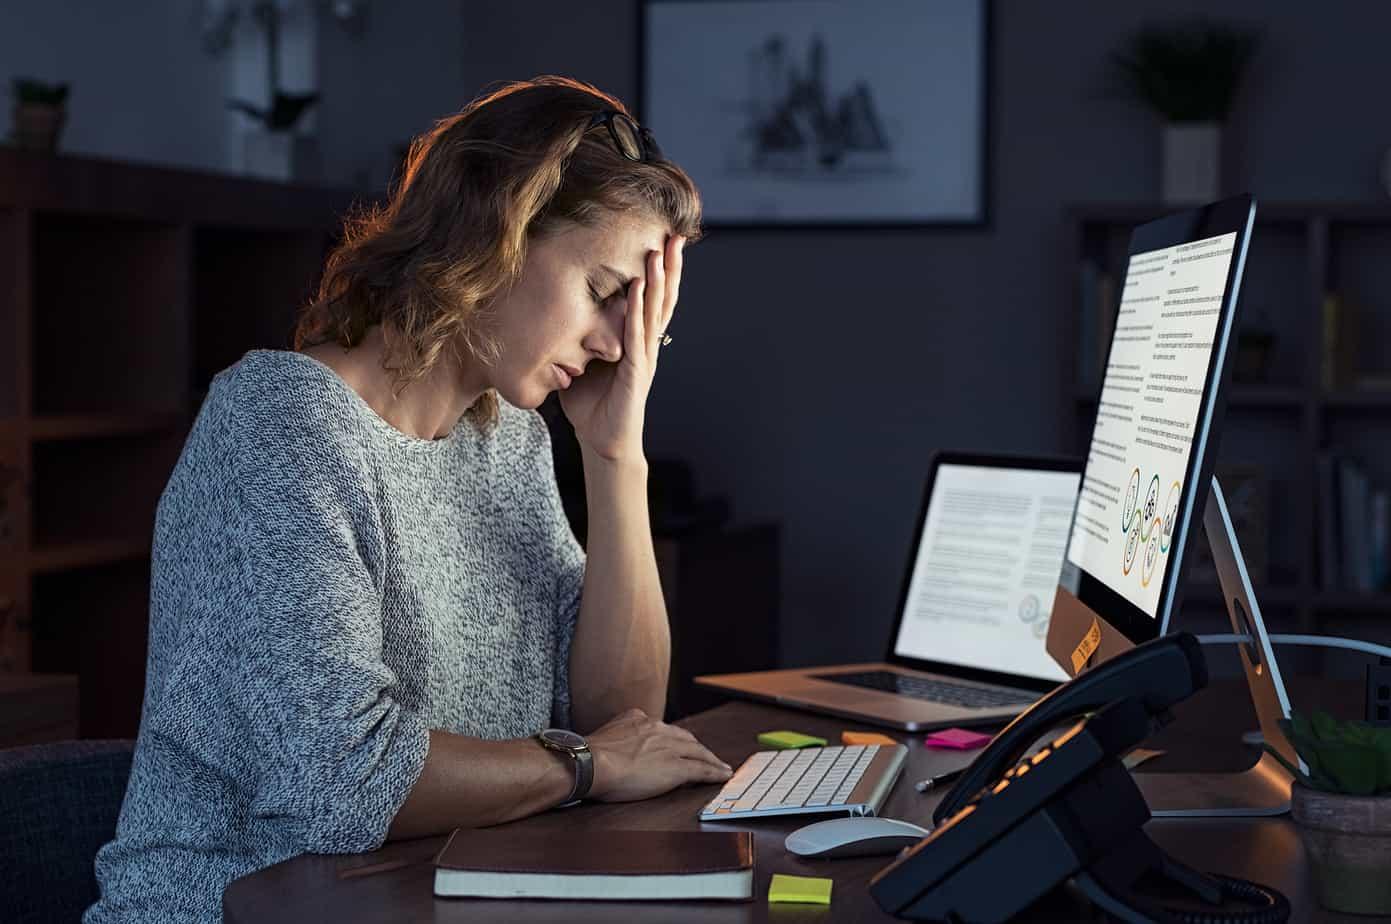 donna manager stanca davanti al computer